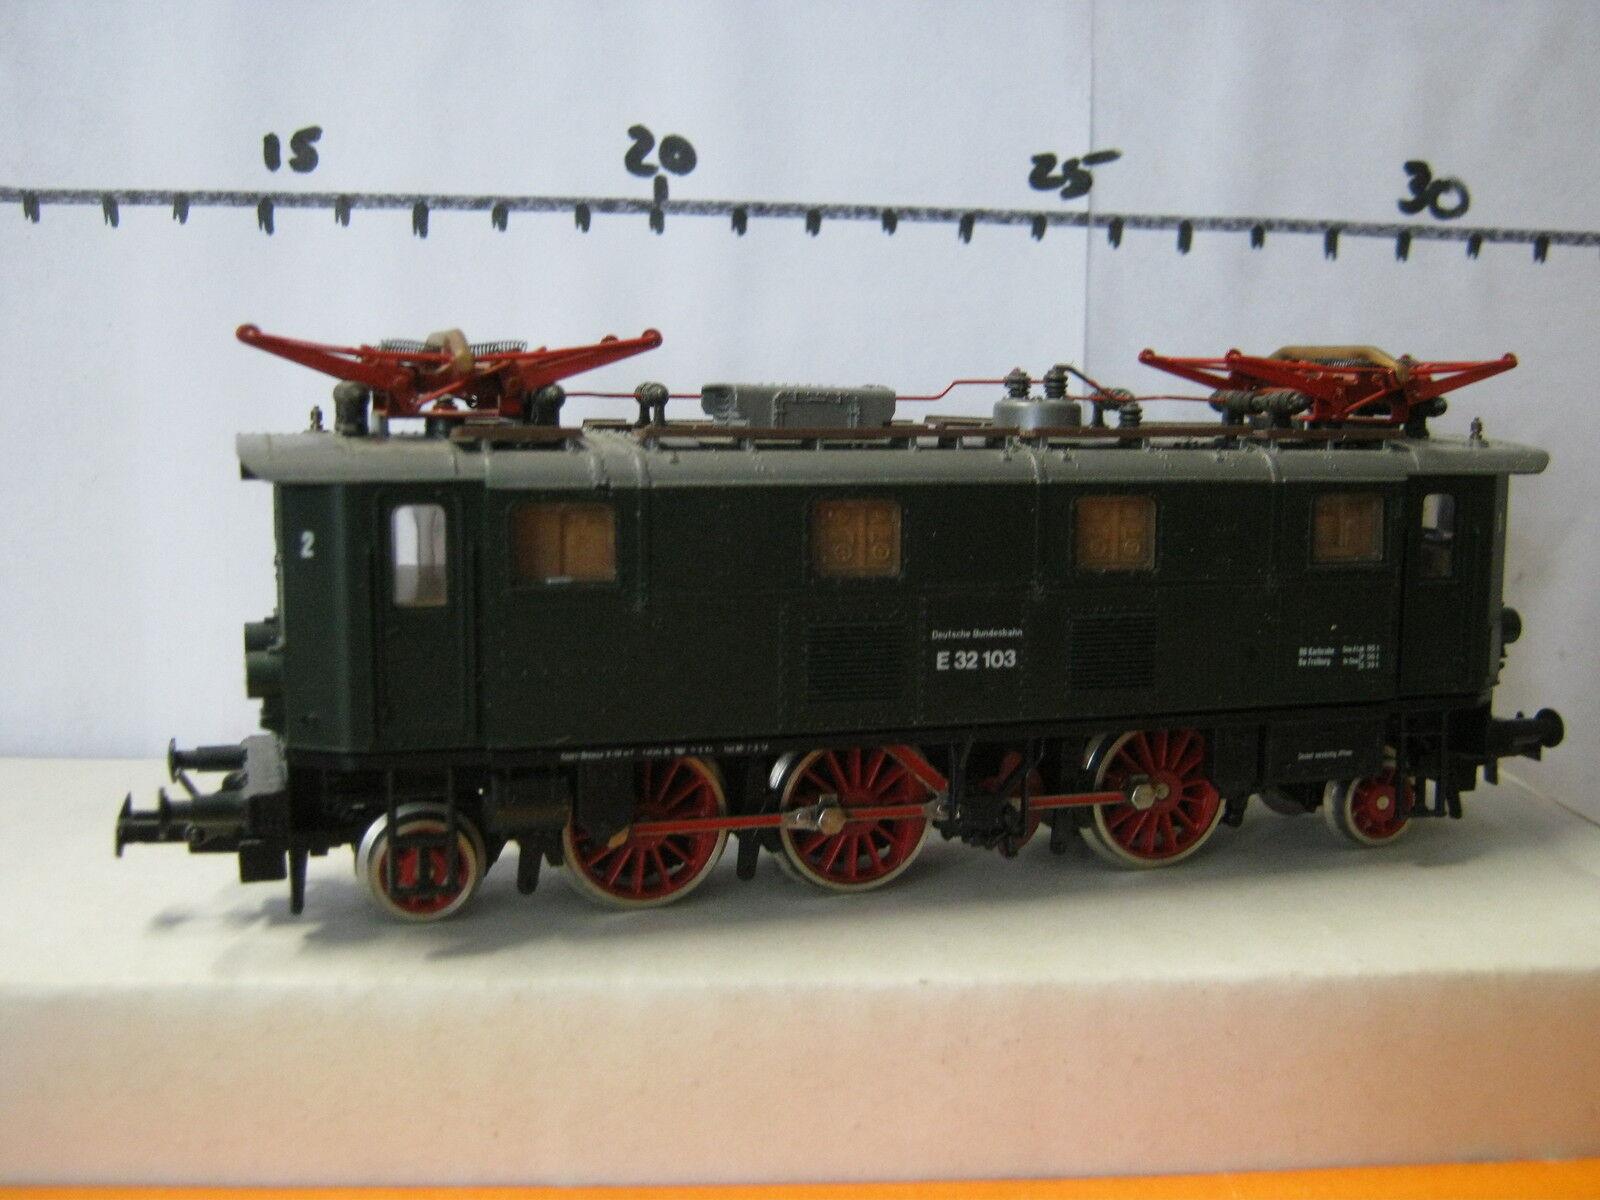 le migliori marche vendono a buon mercato ROCO ROCO ROCO HO 04145 S e Lok BR e32 103 DB (rg rn 31-58s2 1)  il più economico